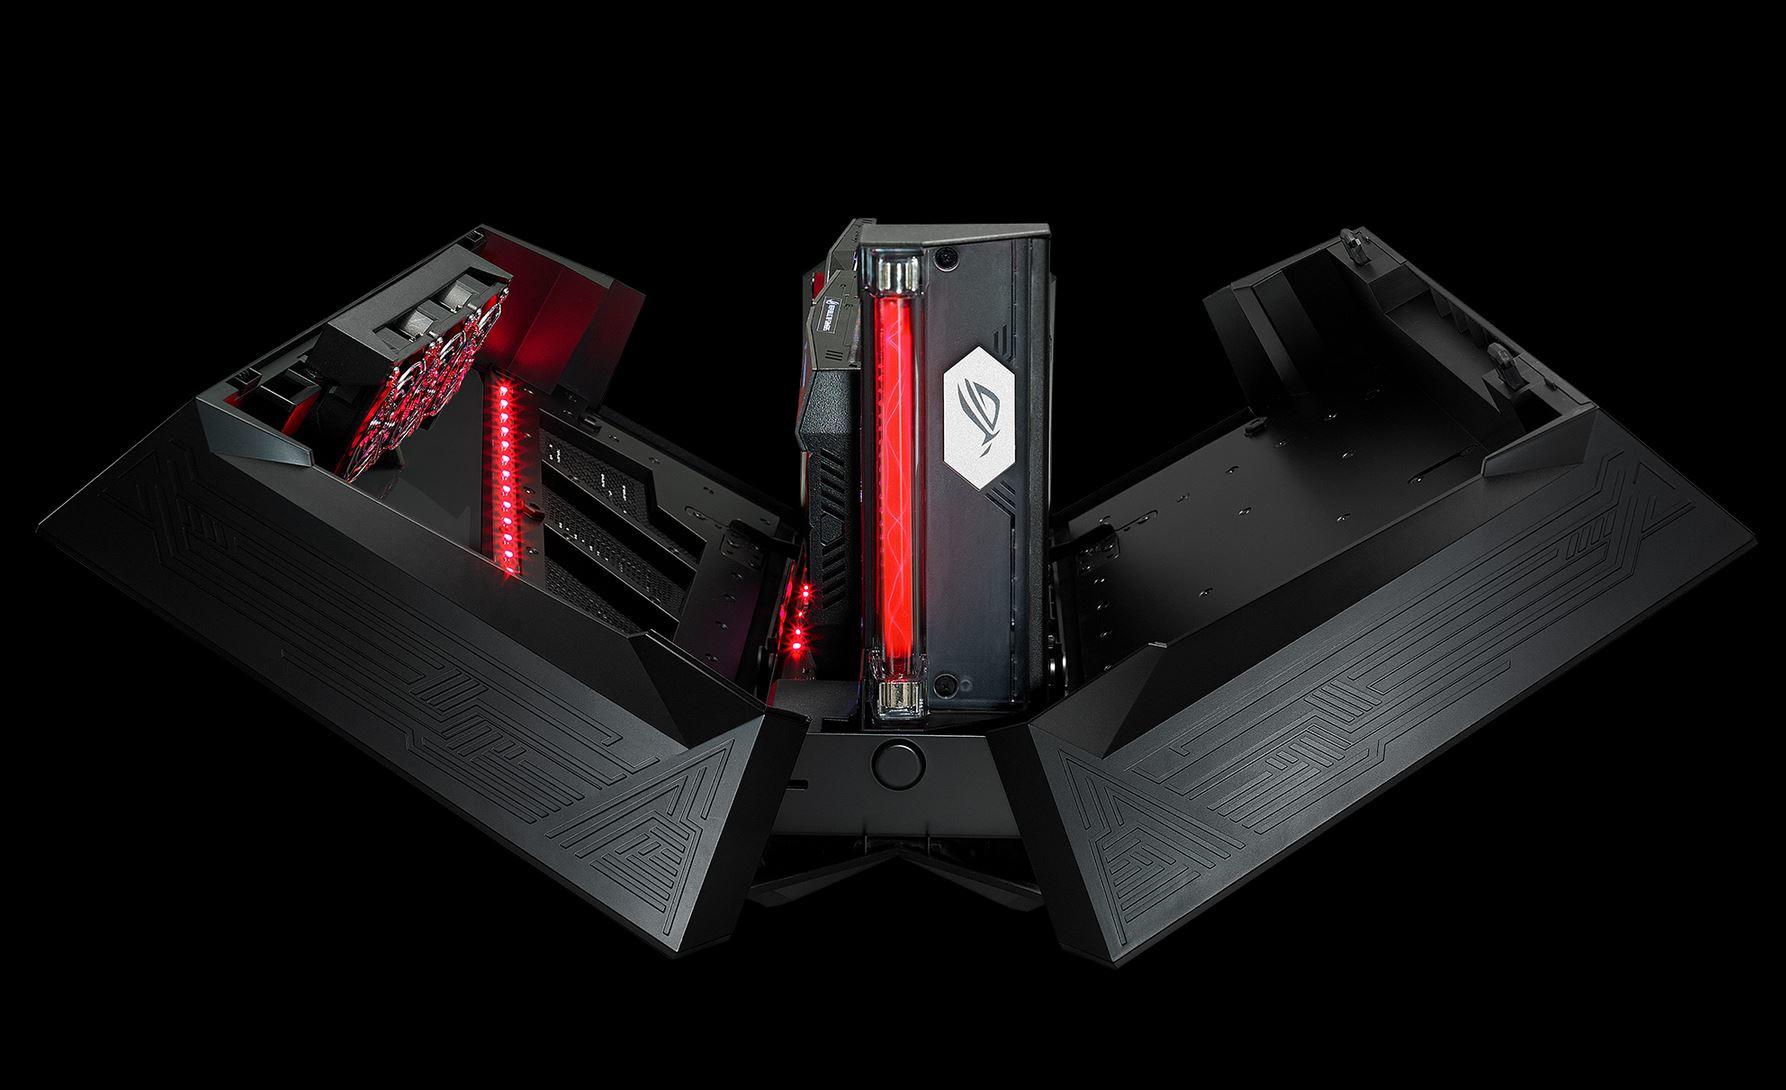 ASUS lance un nouveau boitier externe pour GPU